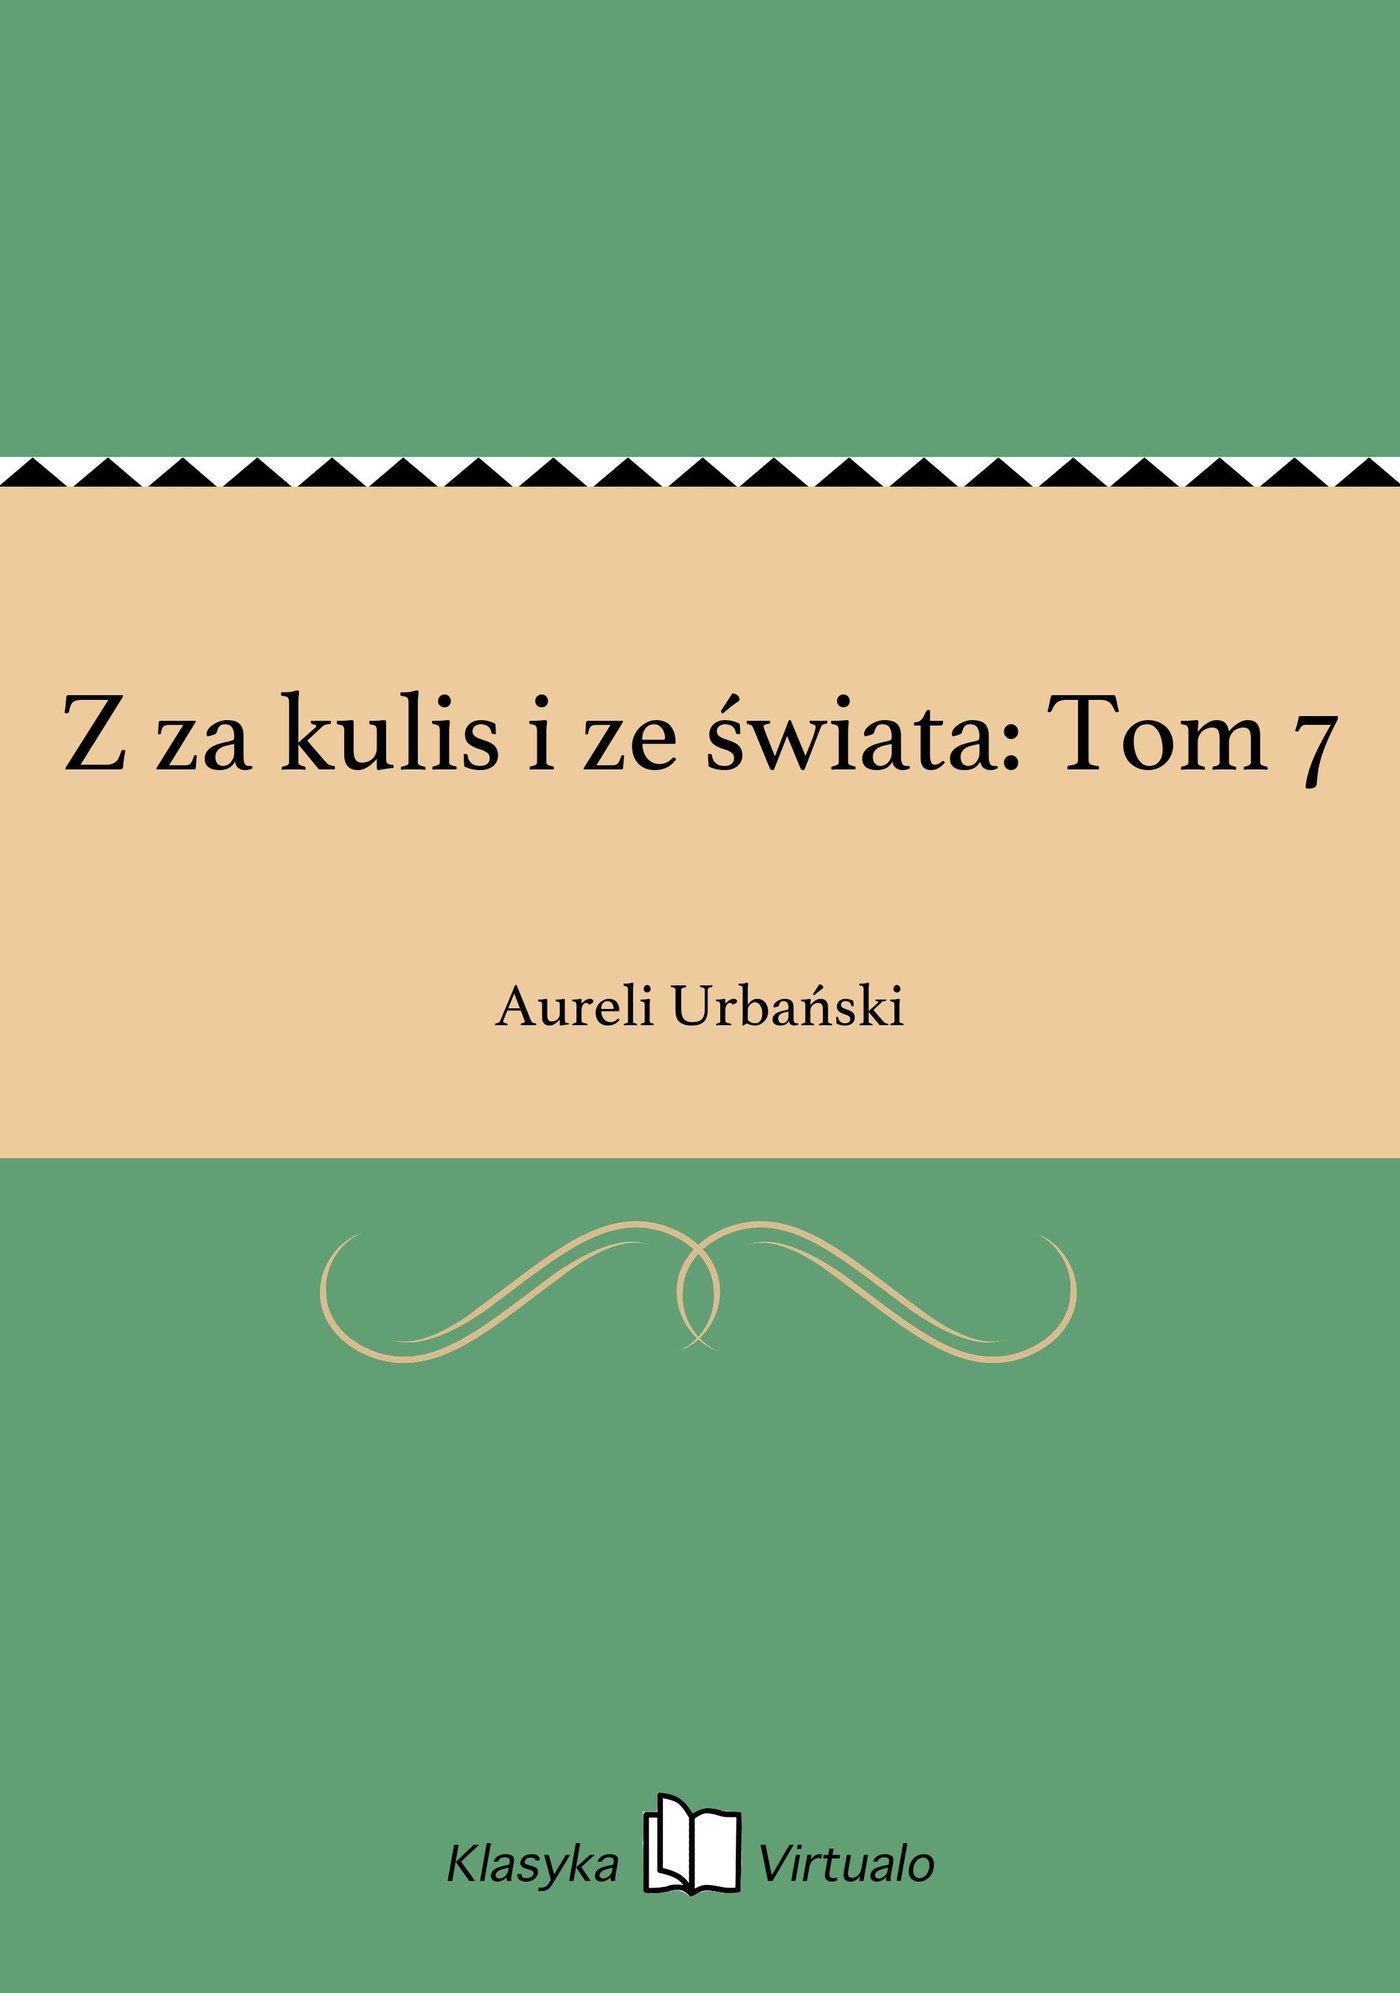 Z za kulis i ze świata: Tom 7 - Ebook (Książka na Kindle) do pobrania w formacie MOBI